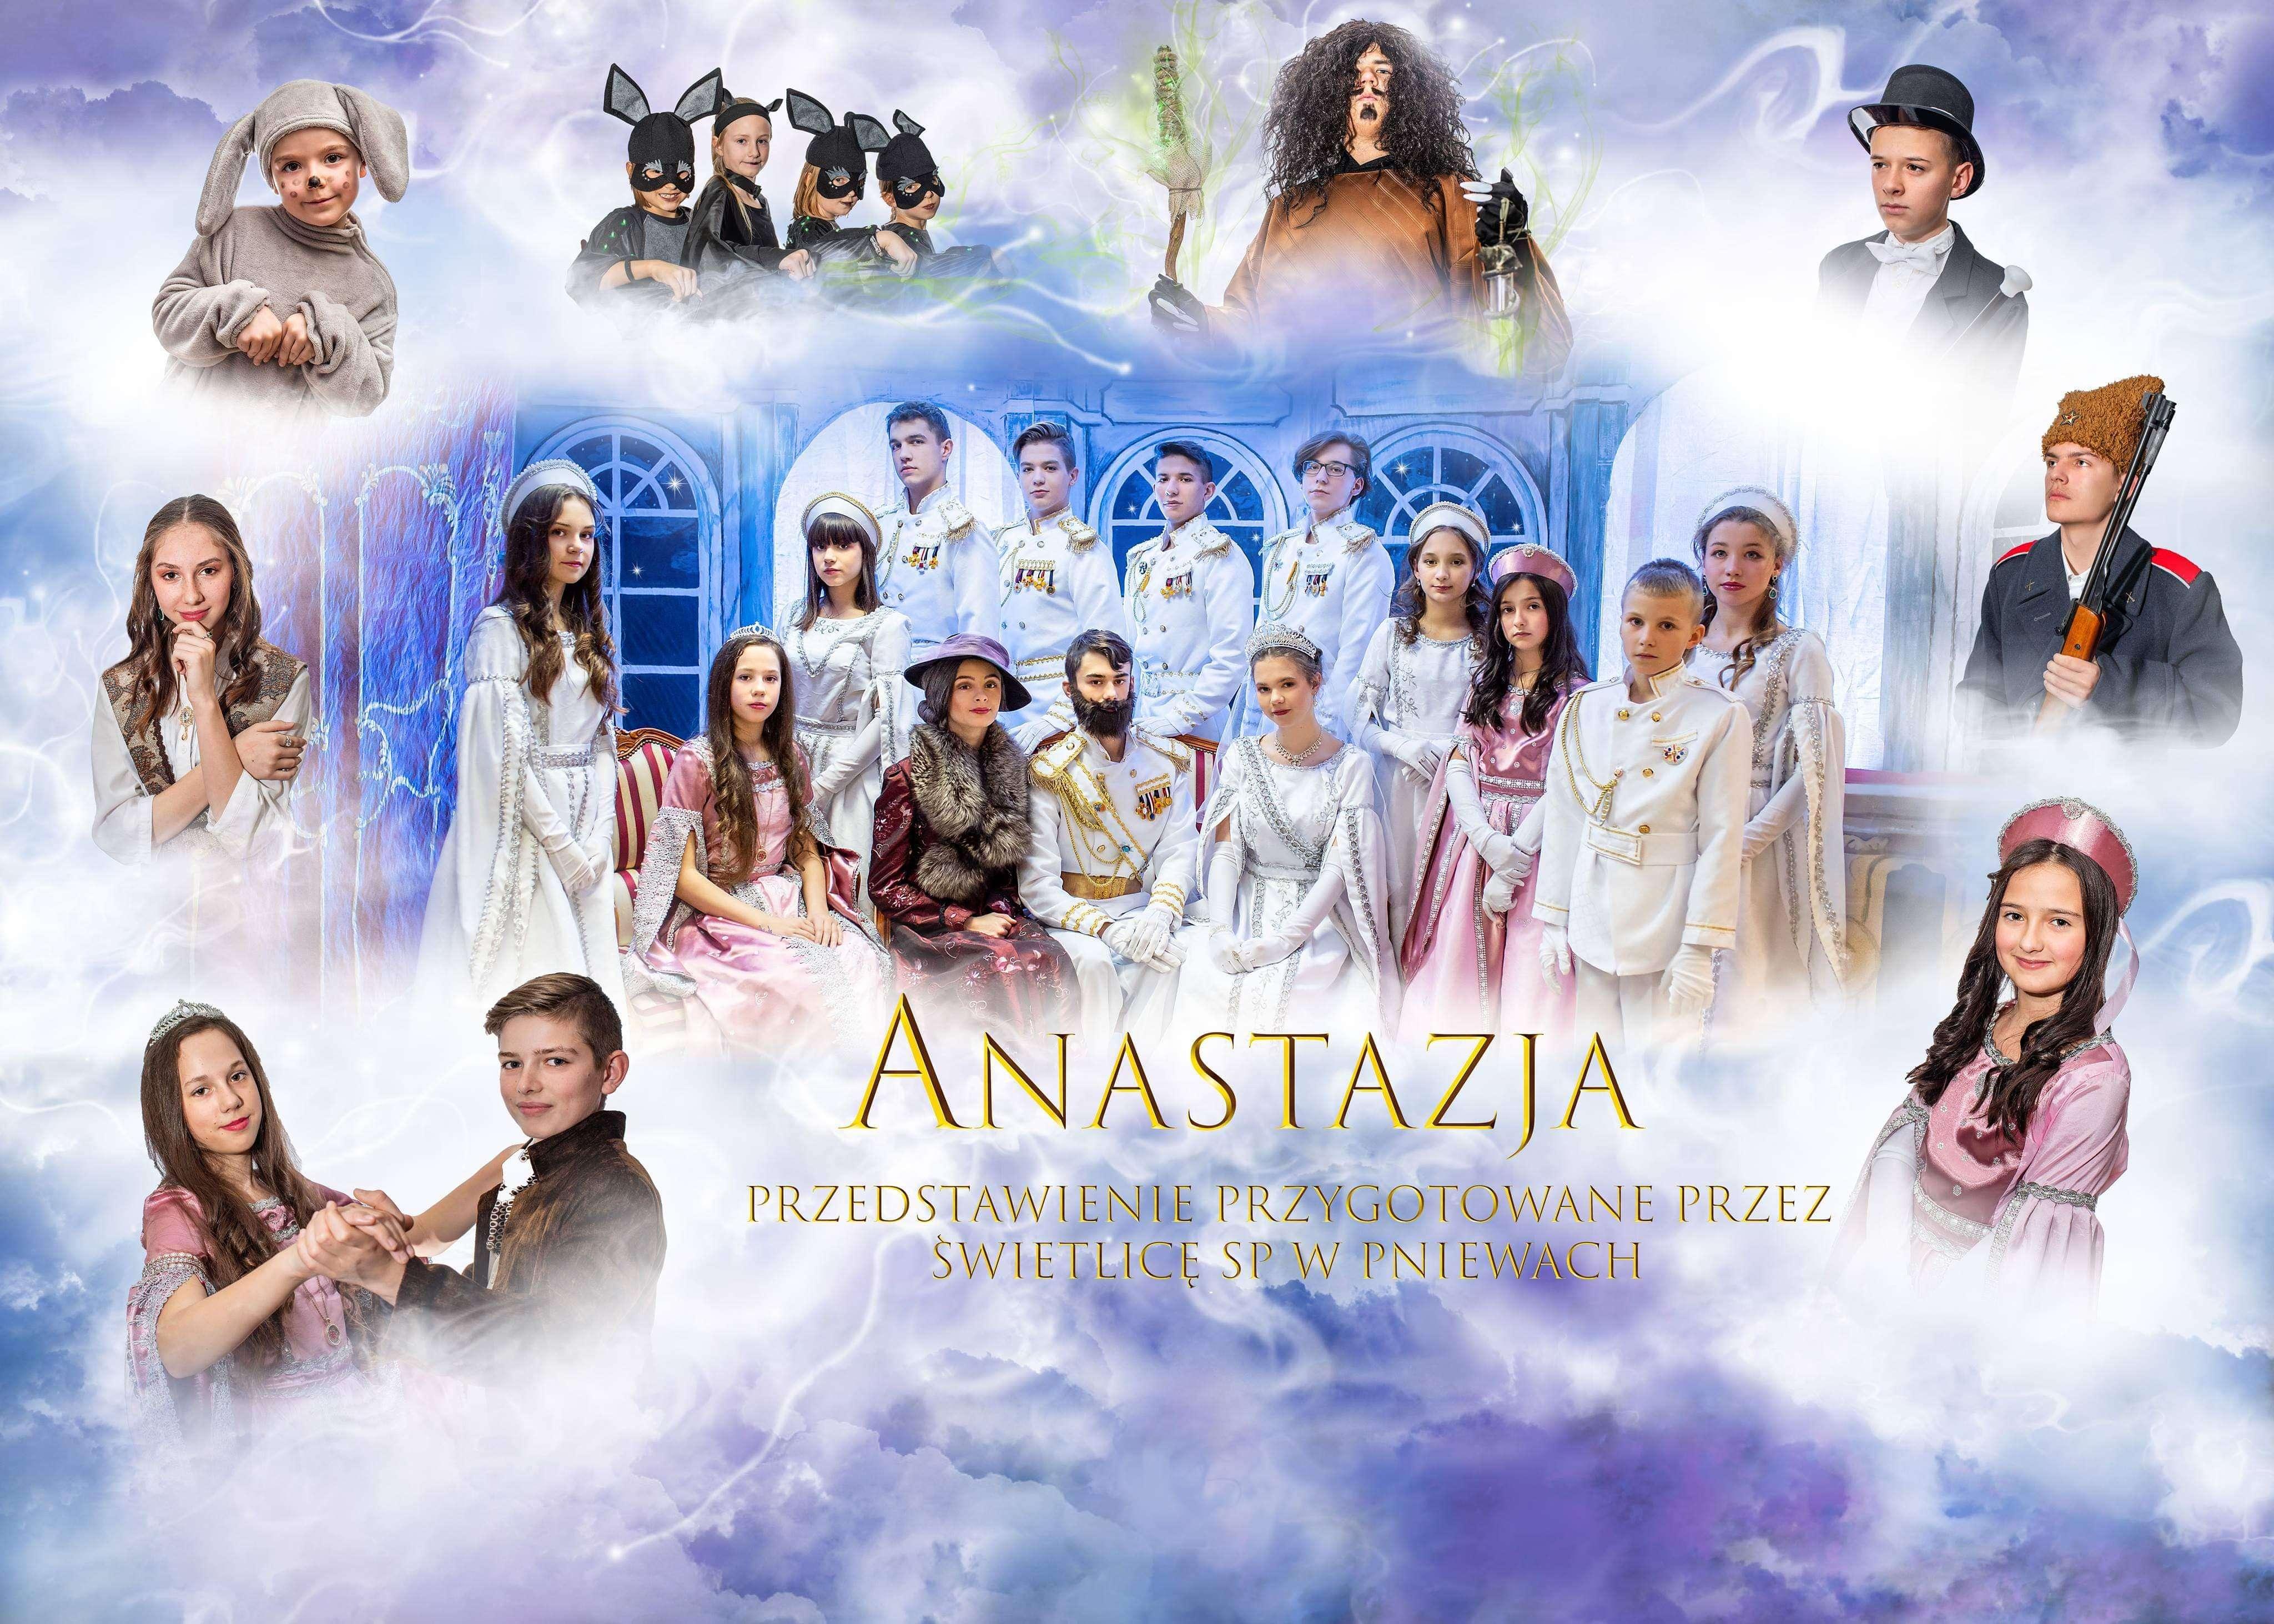 Kolejny spektakl Anastazja